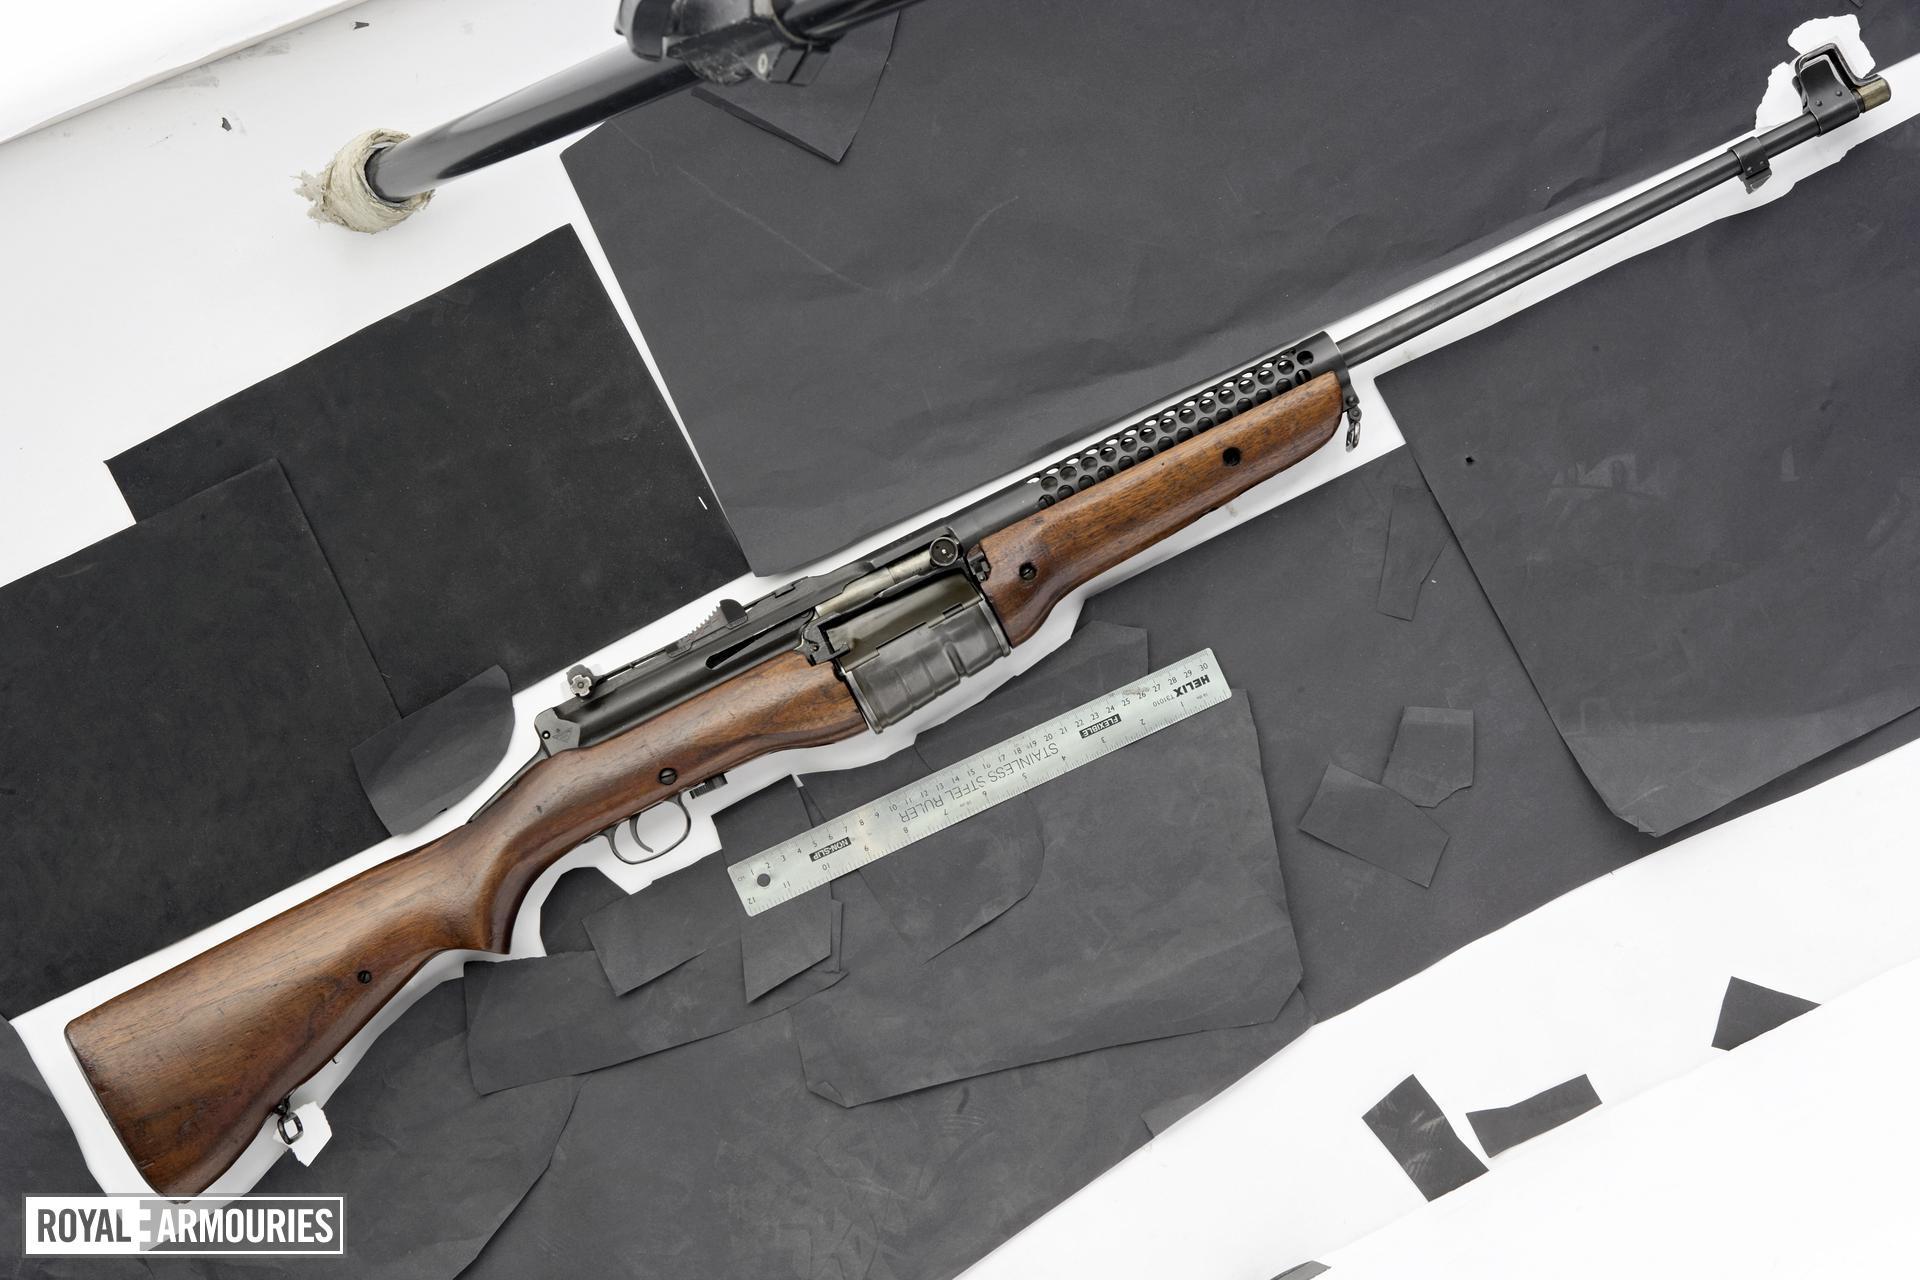 Centrefire bolt-action rifle - Mauser CZ Model 1935